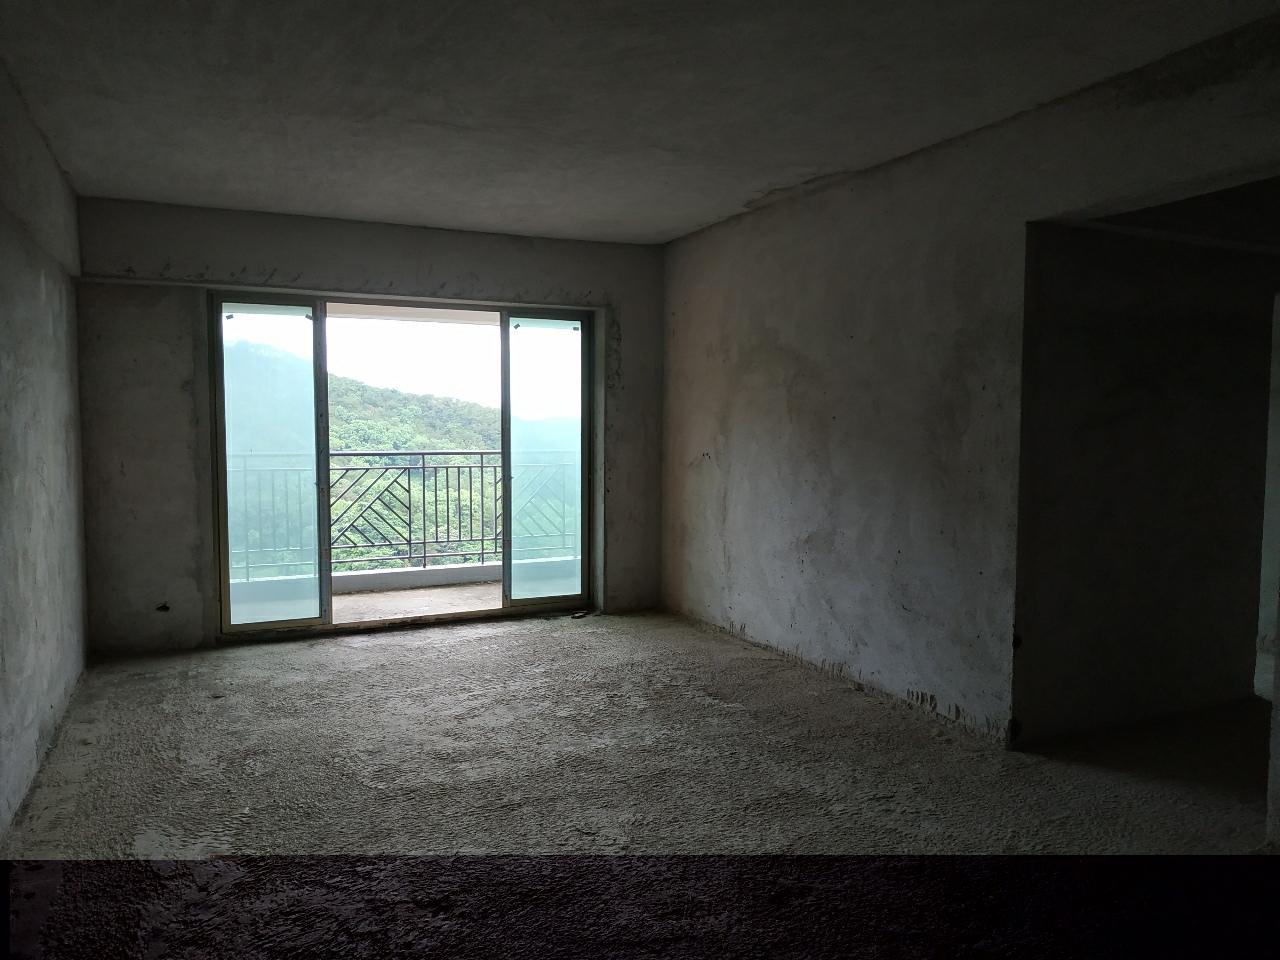 兴泰花园4室 2厅 2卫86万元